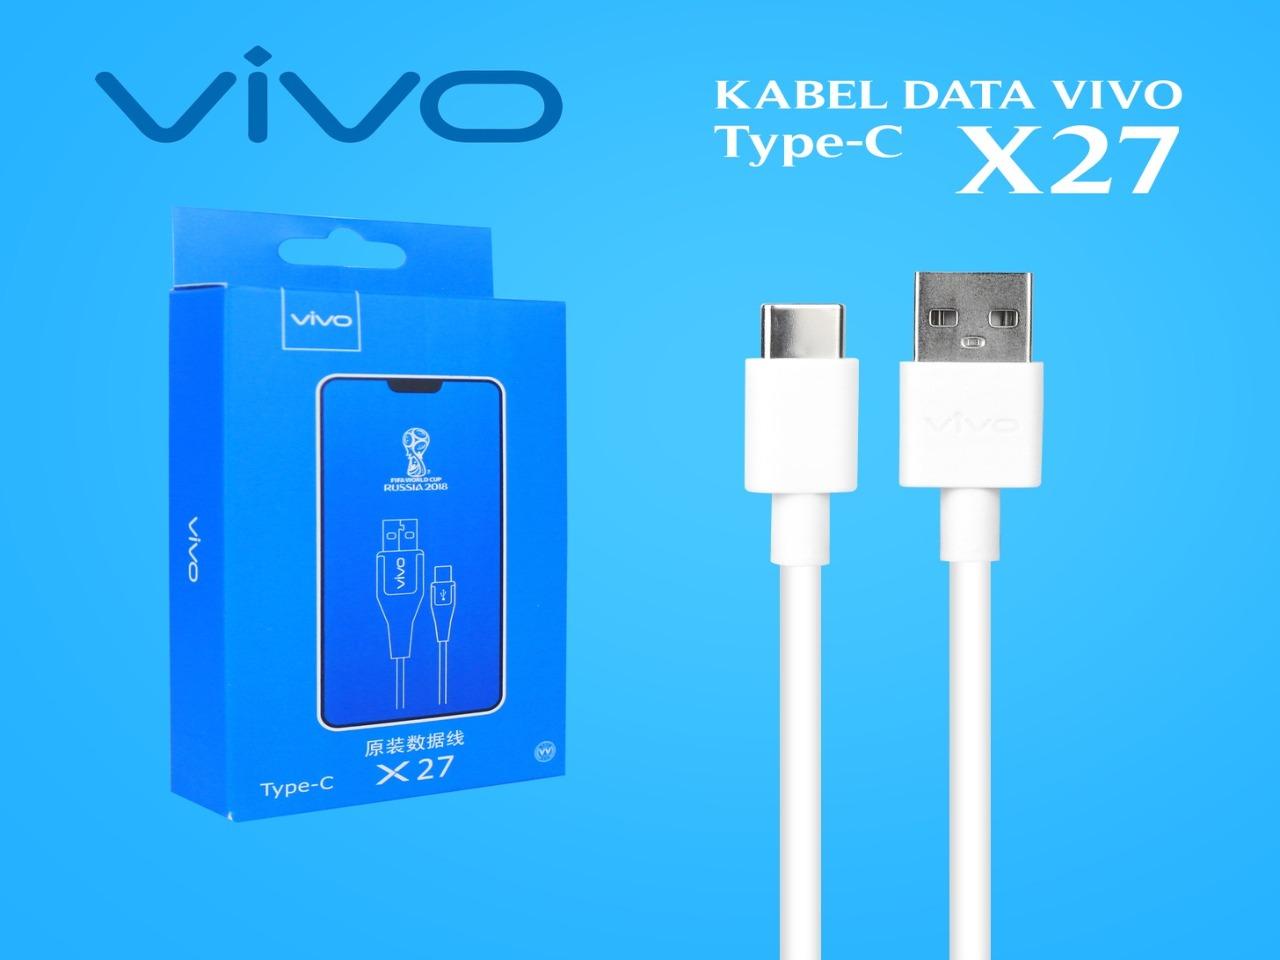 KABEL-DATA-VIVO-X27-TYPE-C-ORI-99-PACKING